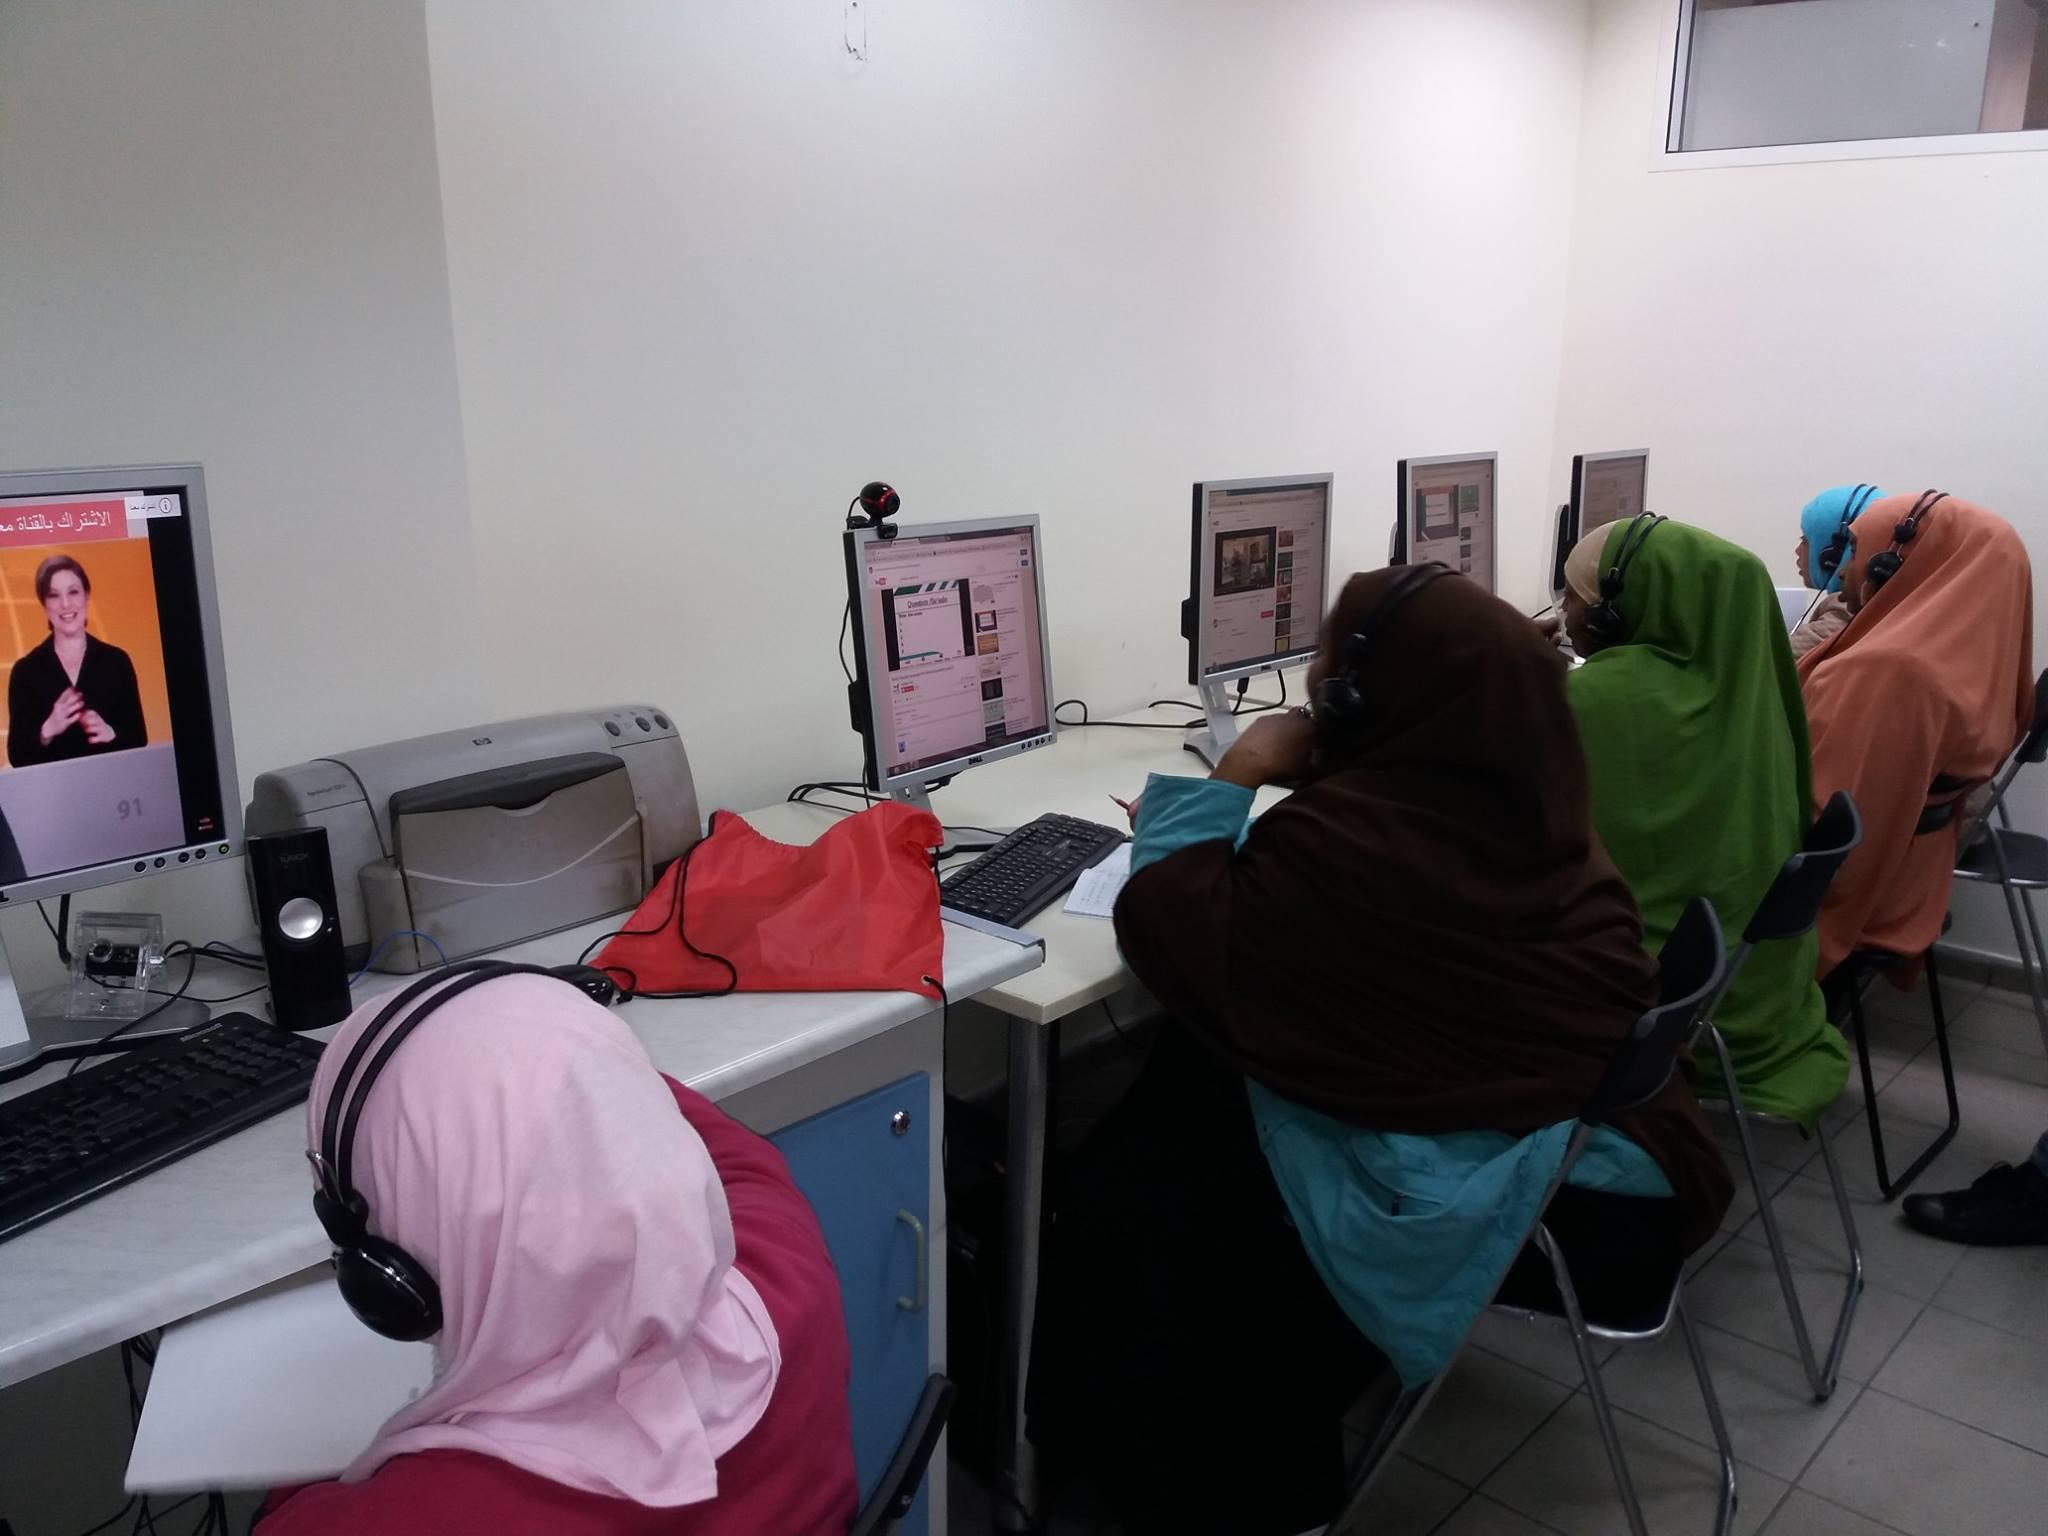 Εκμάθηση γλωσσών στο WELCOMMON με χρήση υπολογιστή